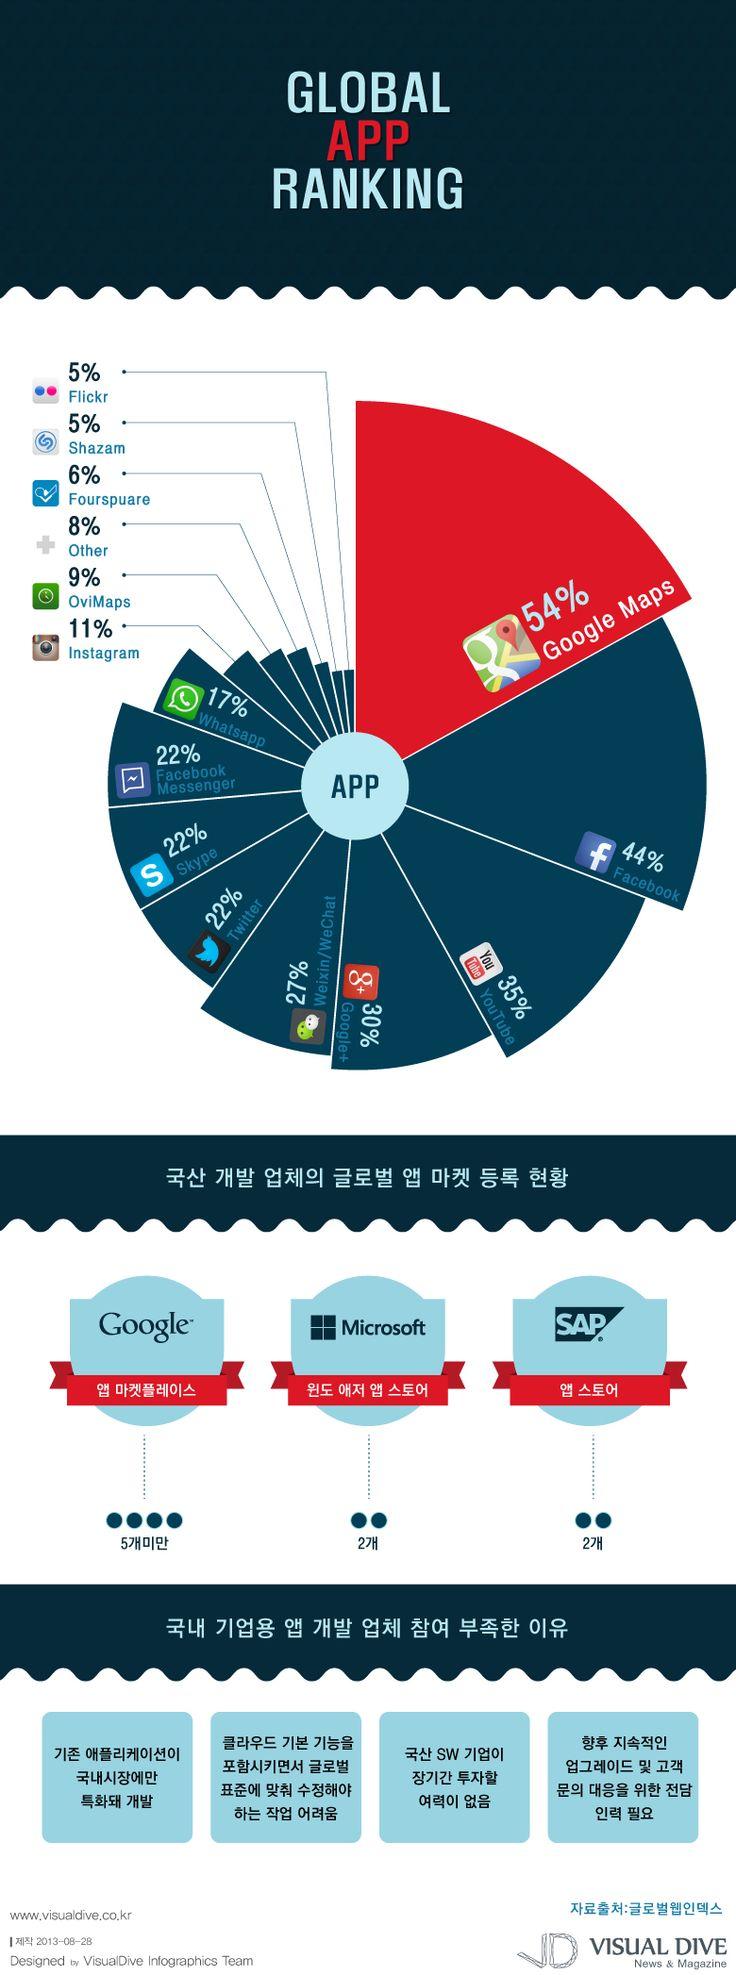 """[인포그래픽] 한국 어플리케이션 세계화 멀었다...'글로벌 앱' 현황 """"application / Infographic"""" ⓒ 비주얼다이브 무단 복사·전재·재배포 금지"""